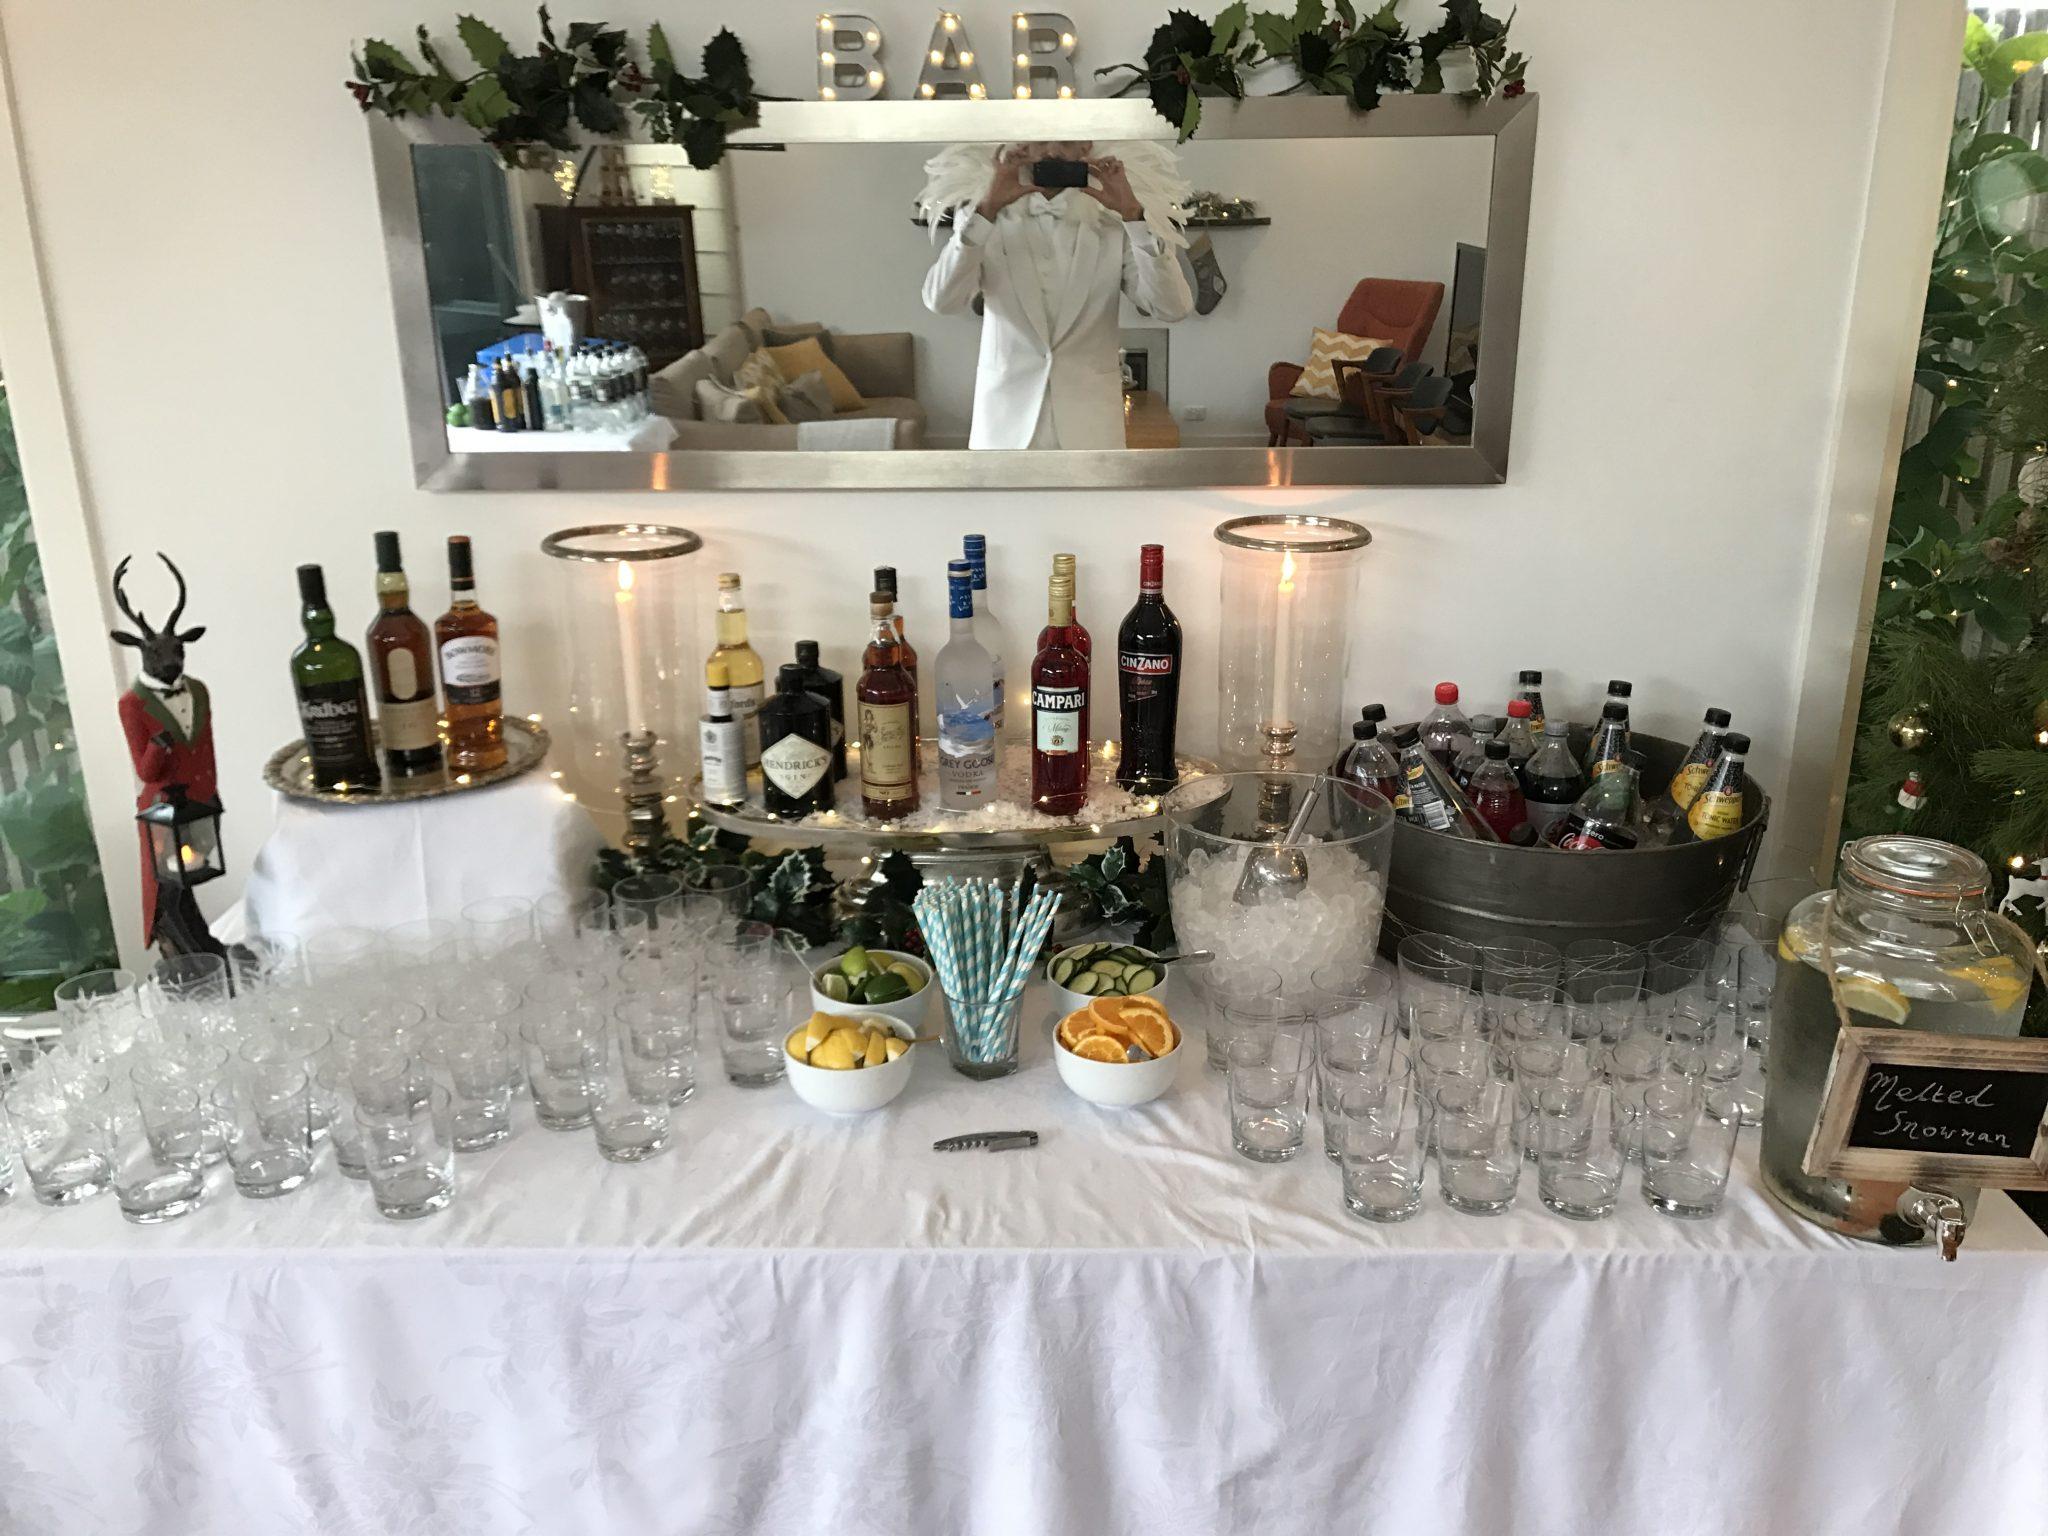 Prosecco and wine